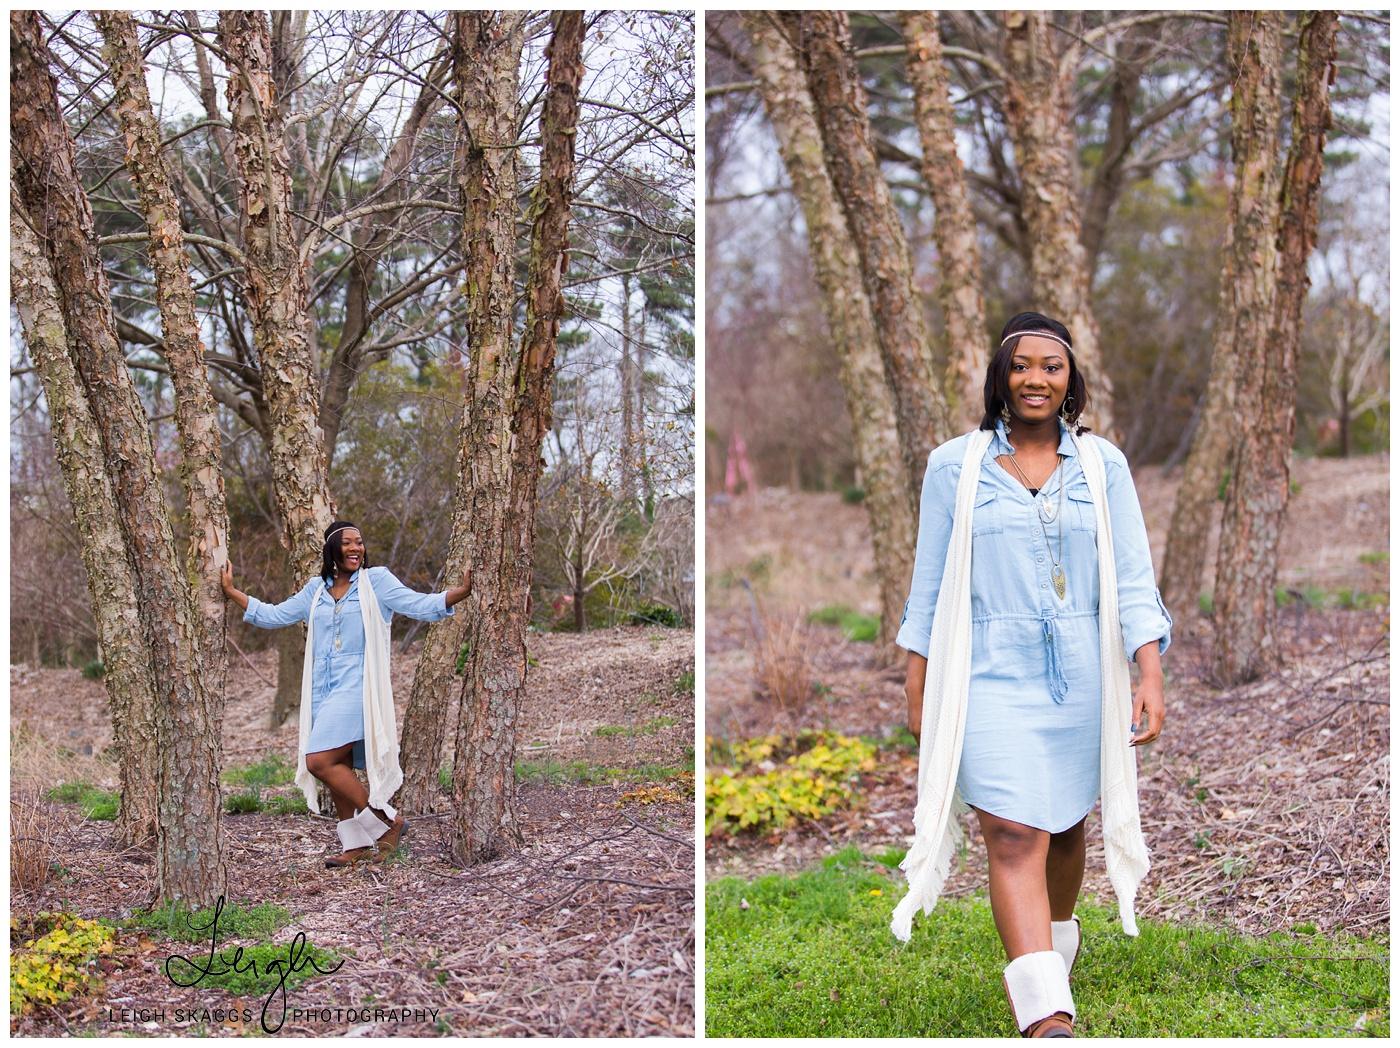 Shay | Senior Portraits